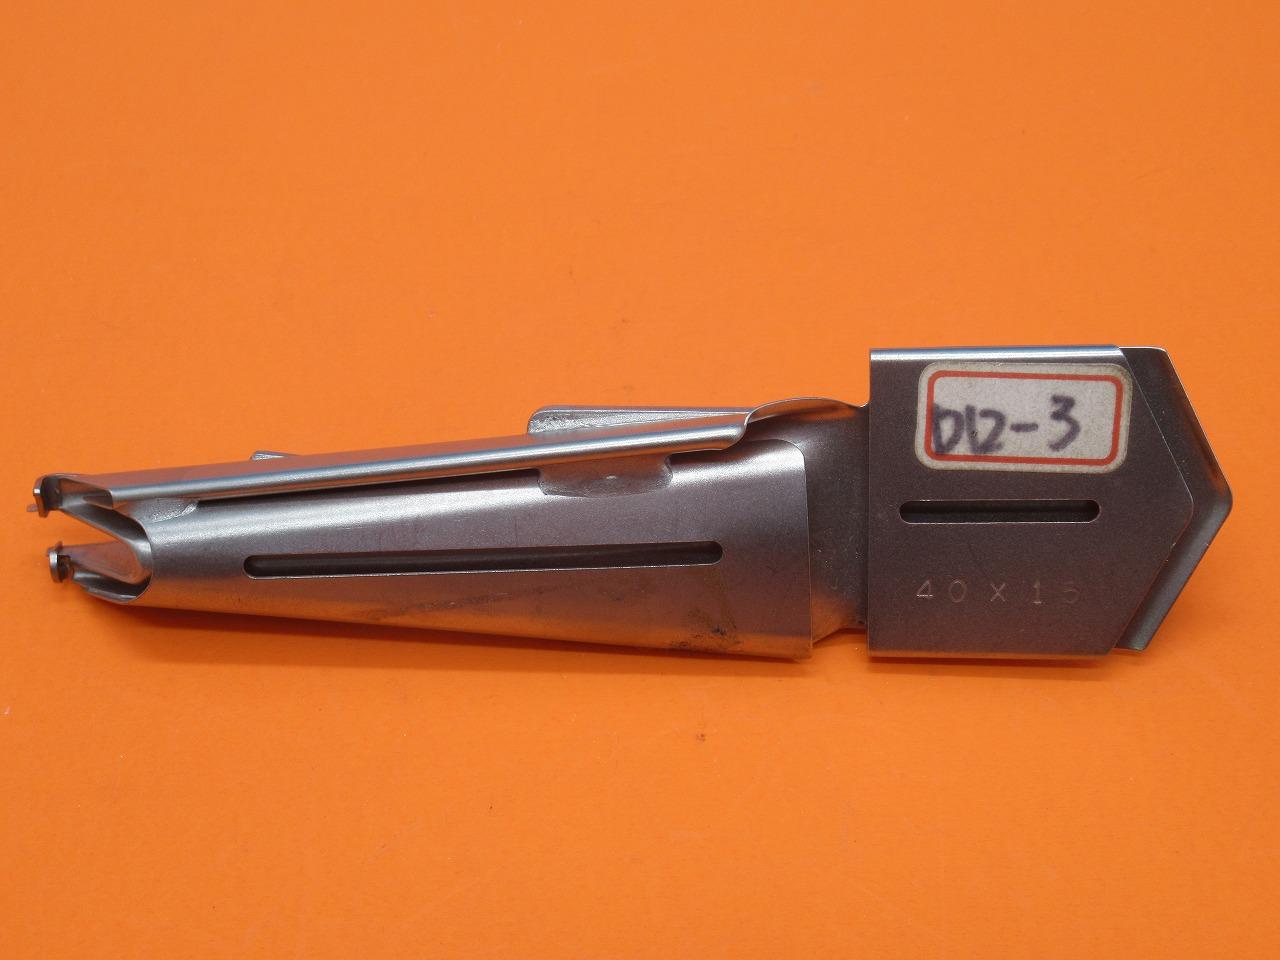 低廉 新品 大好評です 部品NO-D12-3H型 本式3つ折りバインダー 厚物用 仕上がり幅15mm テープ幅40mm